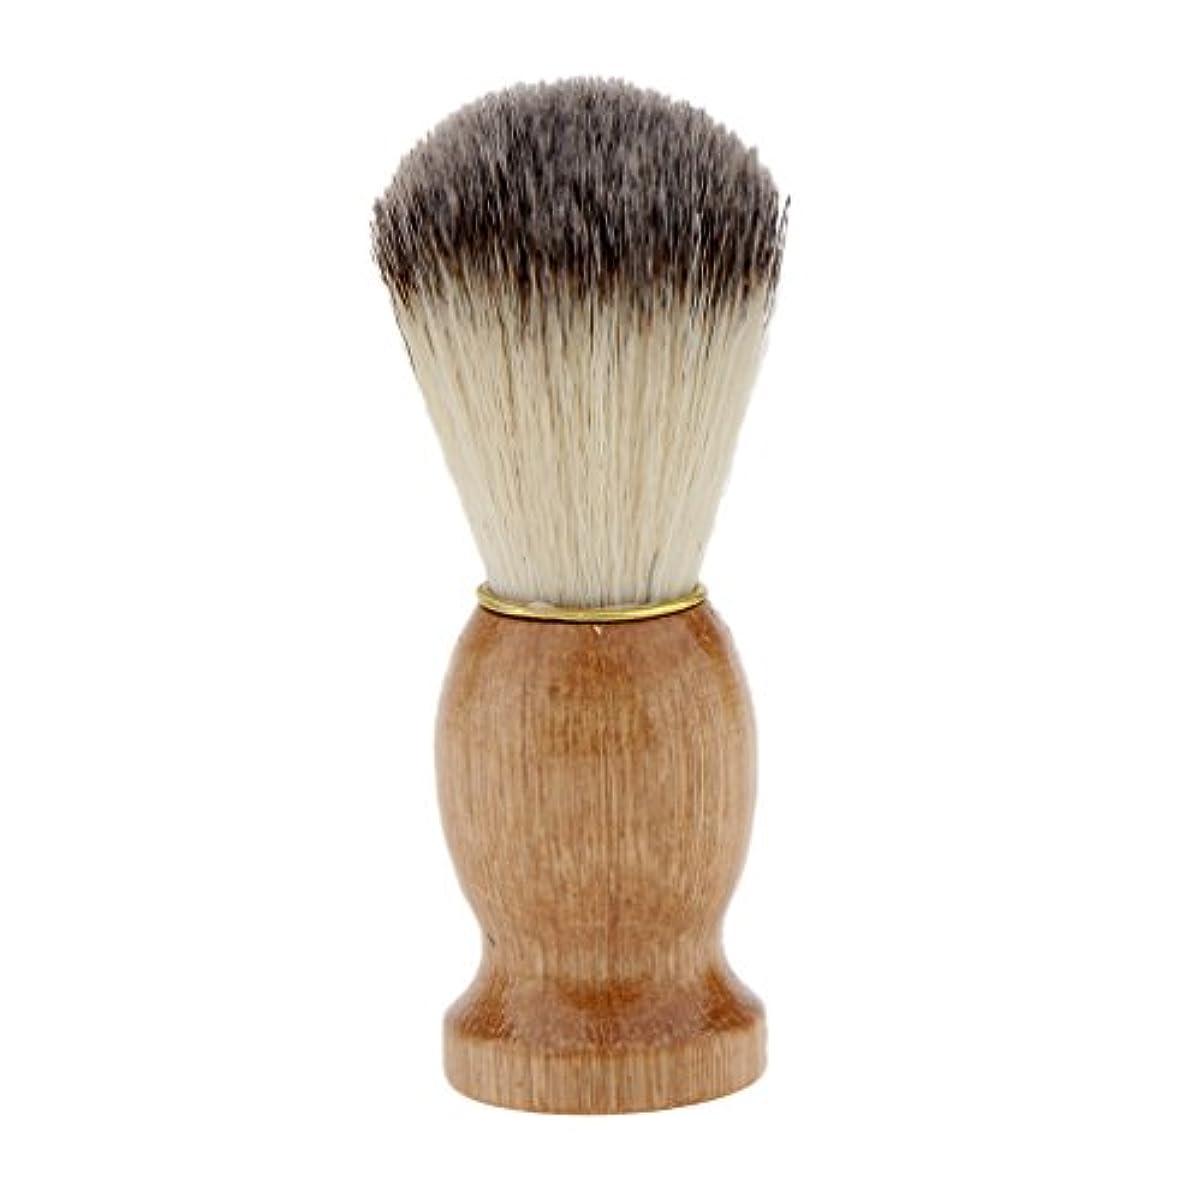 歯痛スライムアダルト木のハンドルは、男性のための毛のひげ剃りブラシ毛のひげを切るダストクレンジング